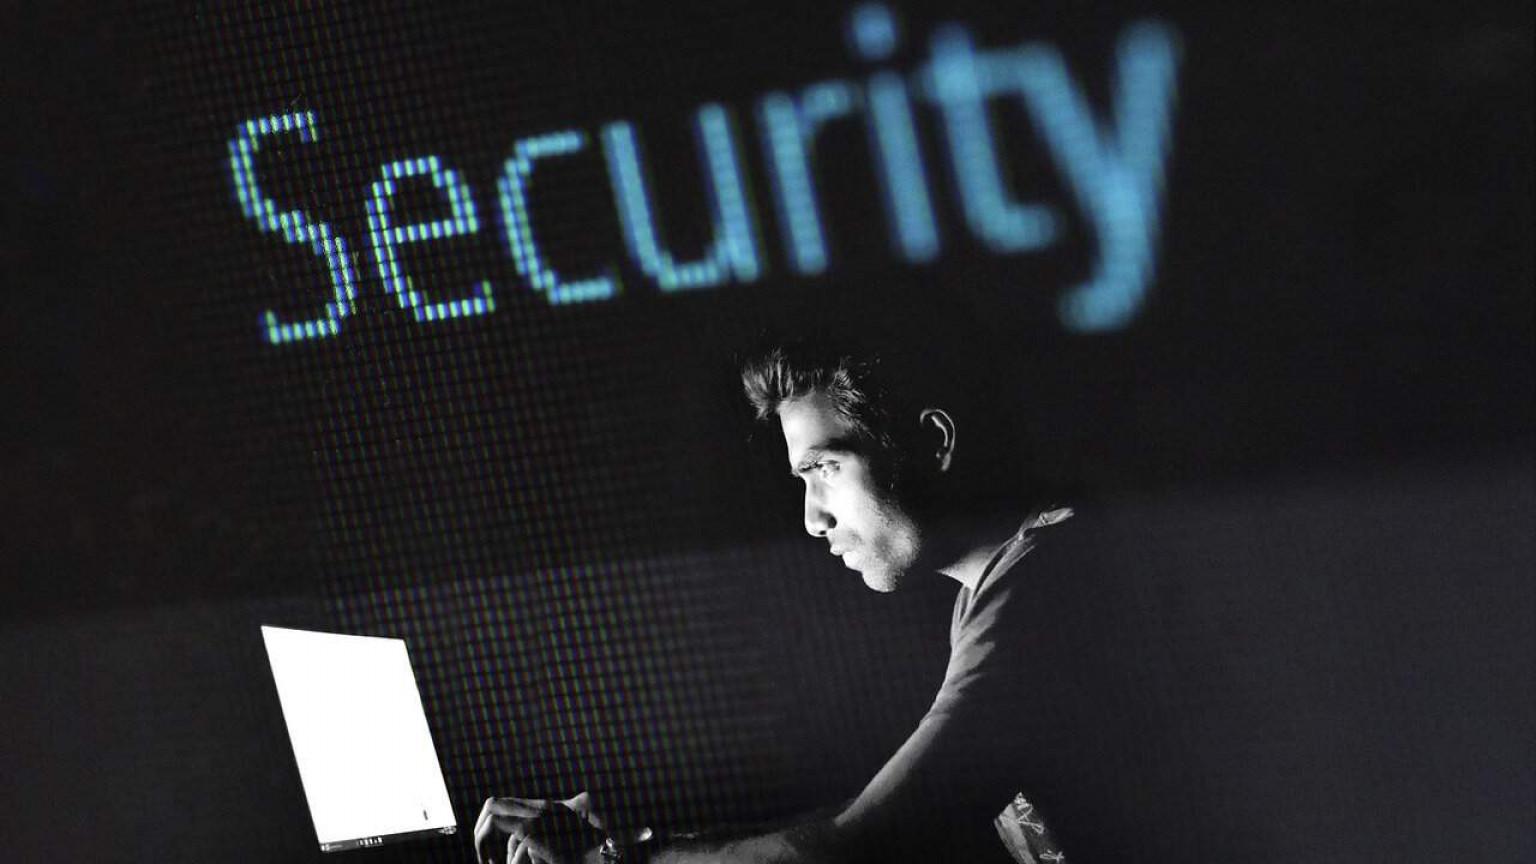 Cyber security in peer-to-peer lending